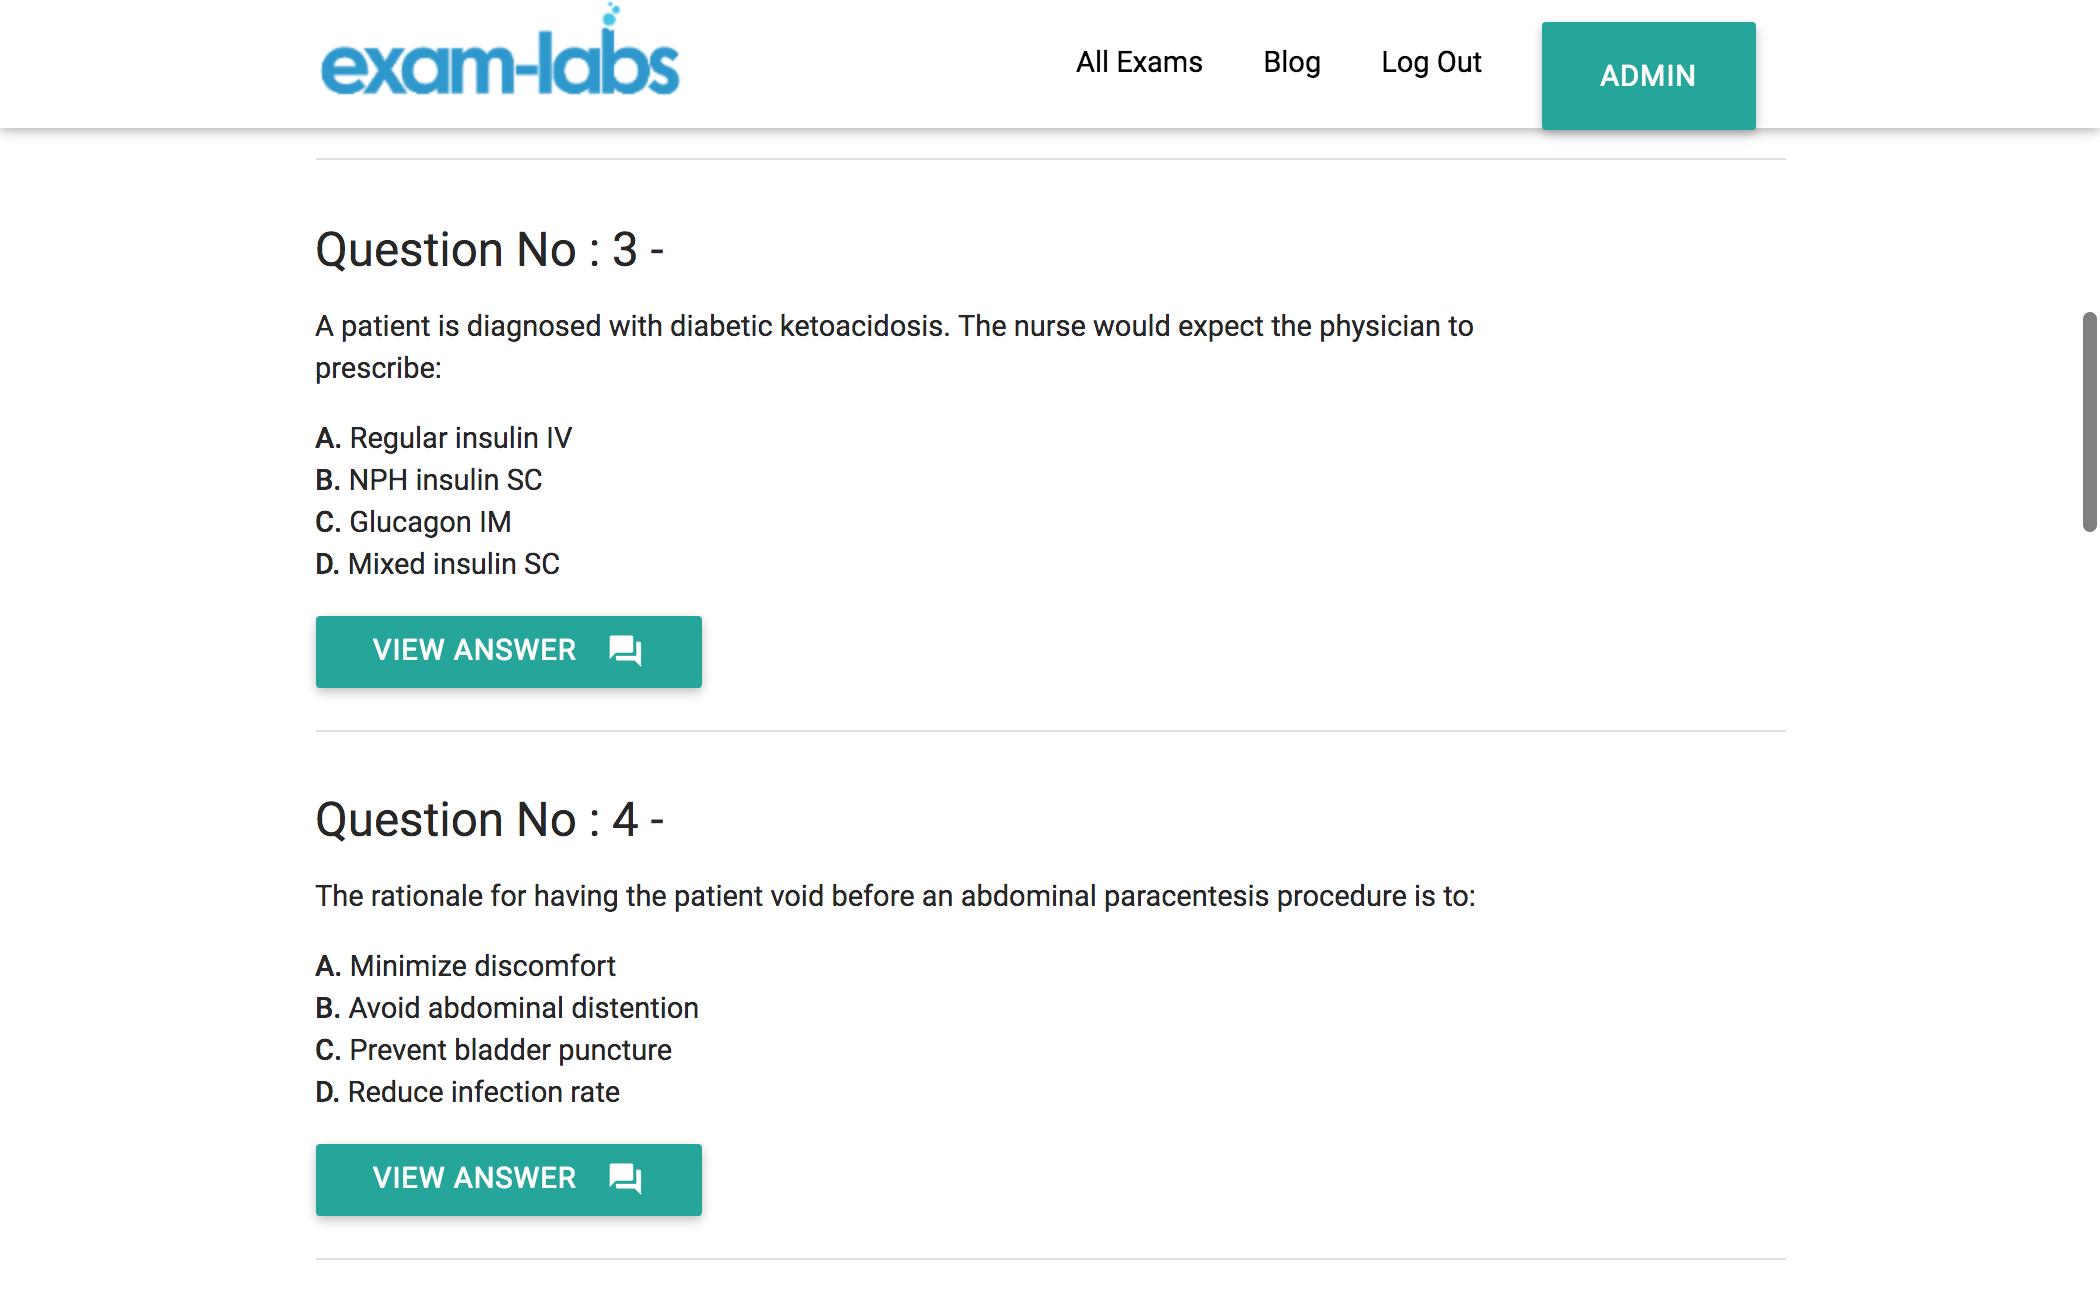 HAAD-RN - HAAD Real Exam Questions - 100% Free | Exam-Labs